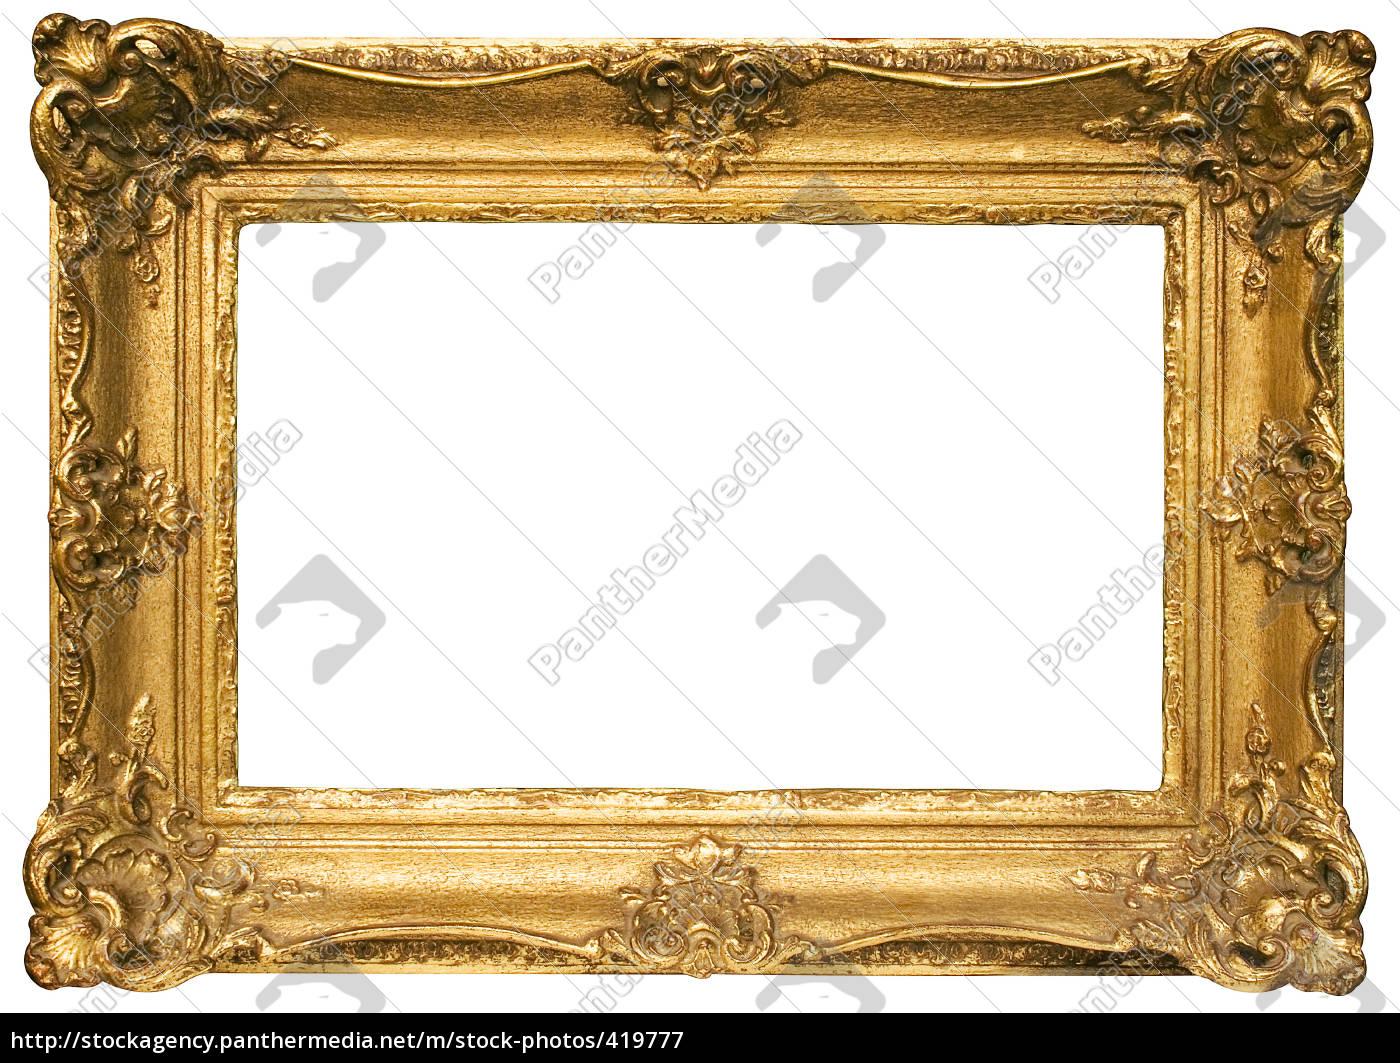 gold, frame, landscape - 419777